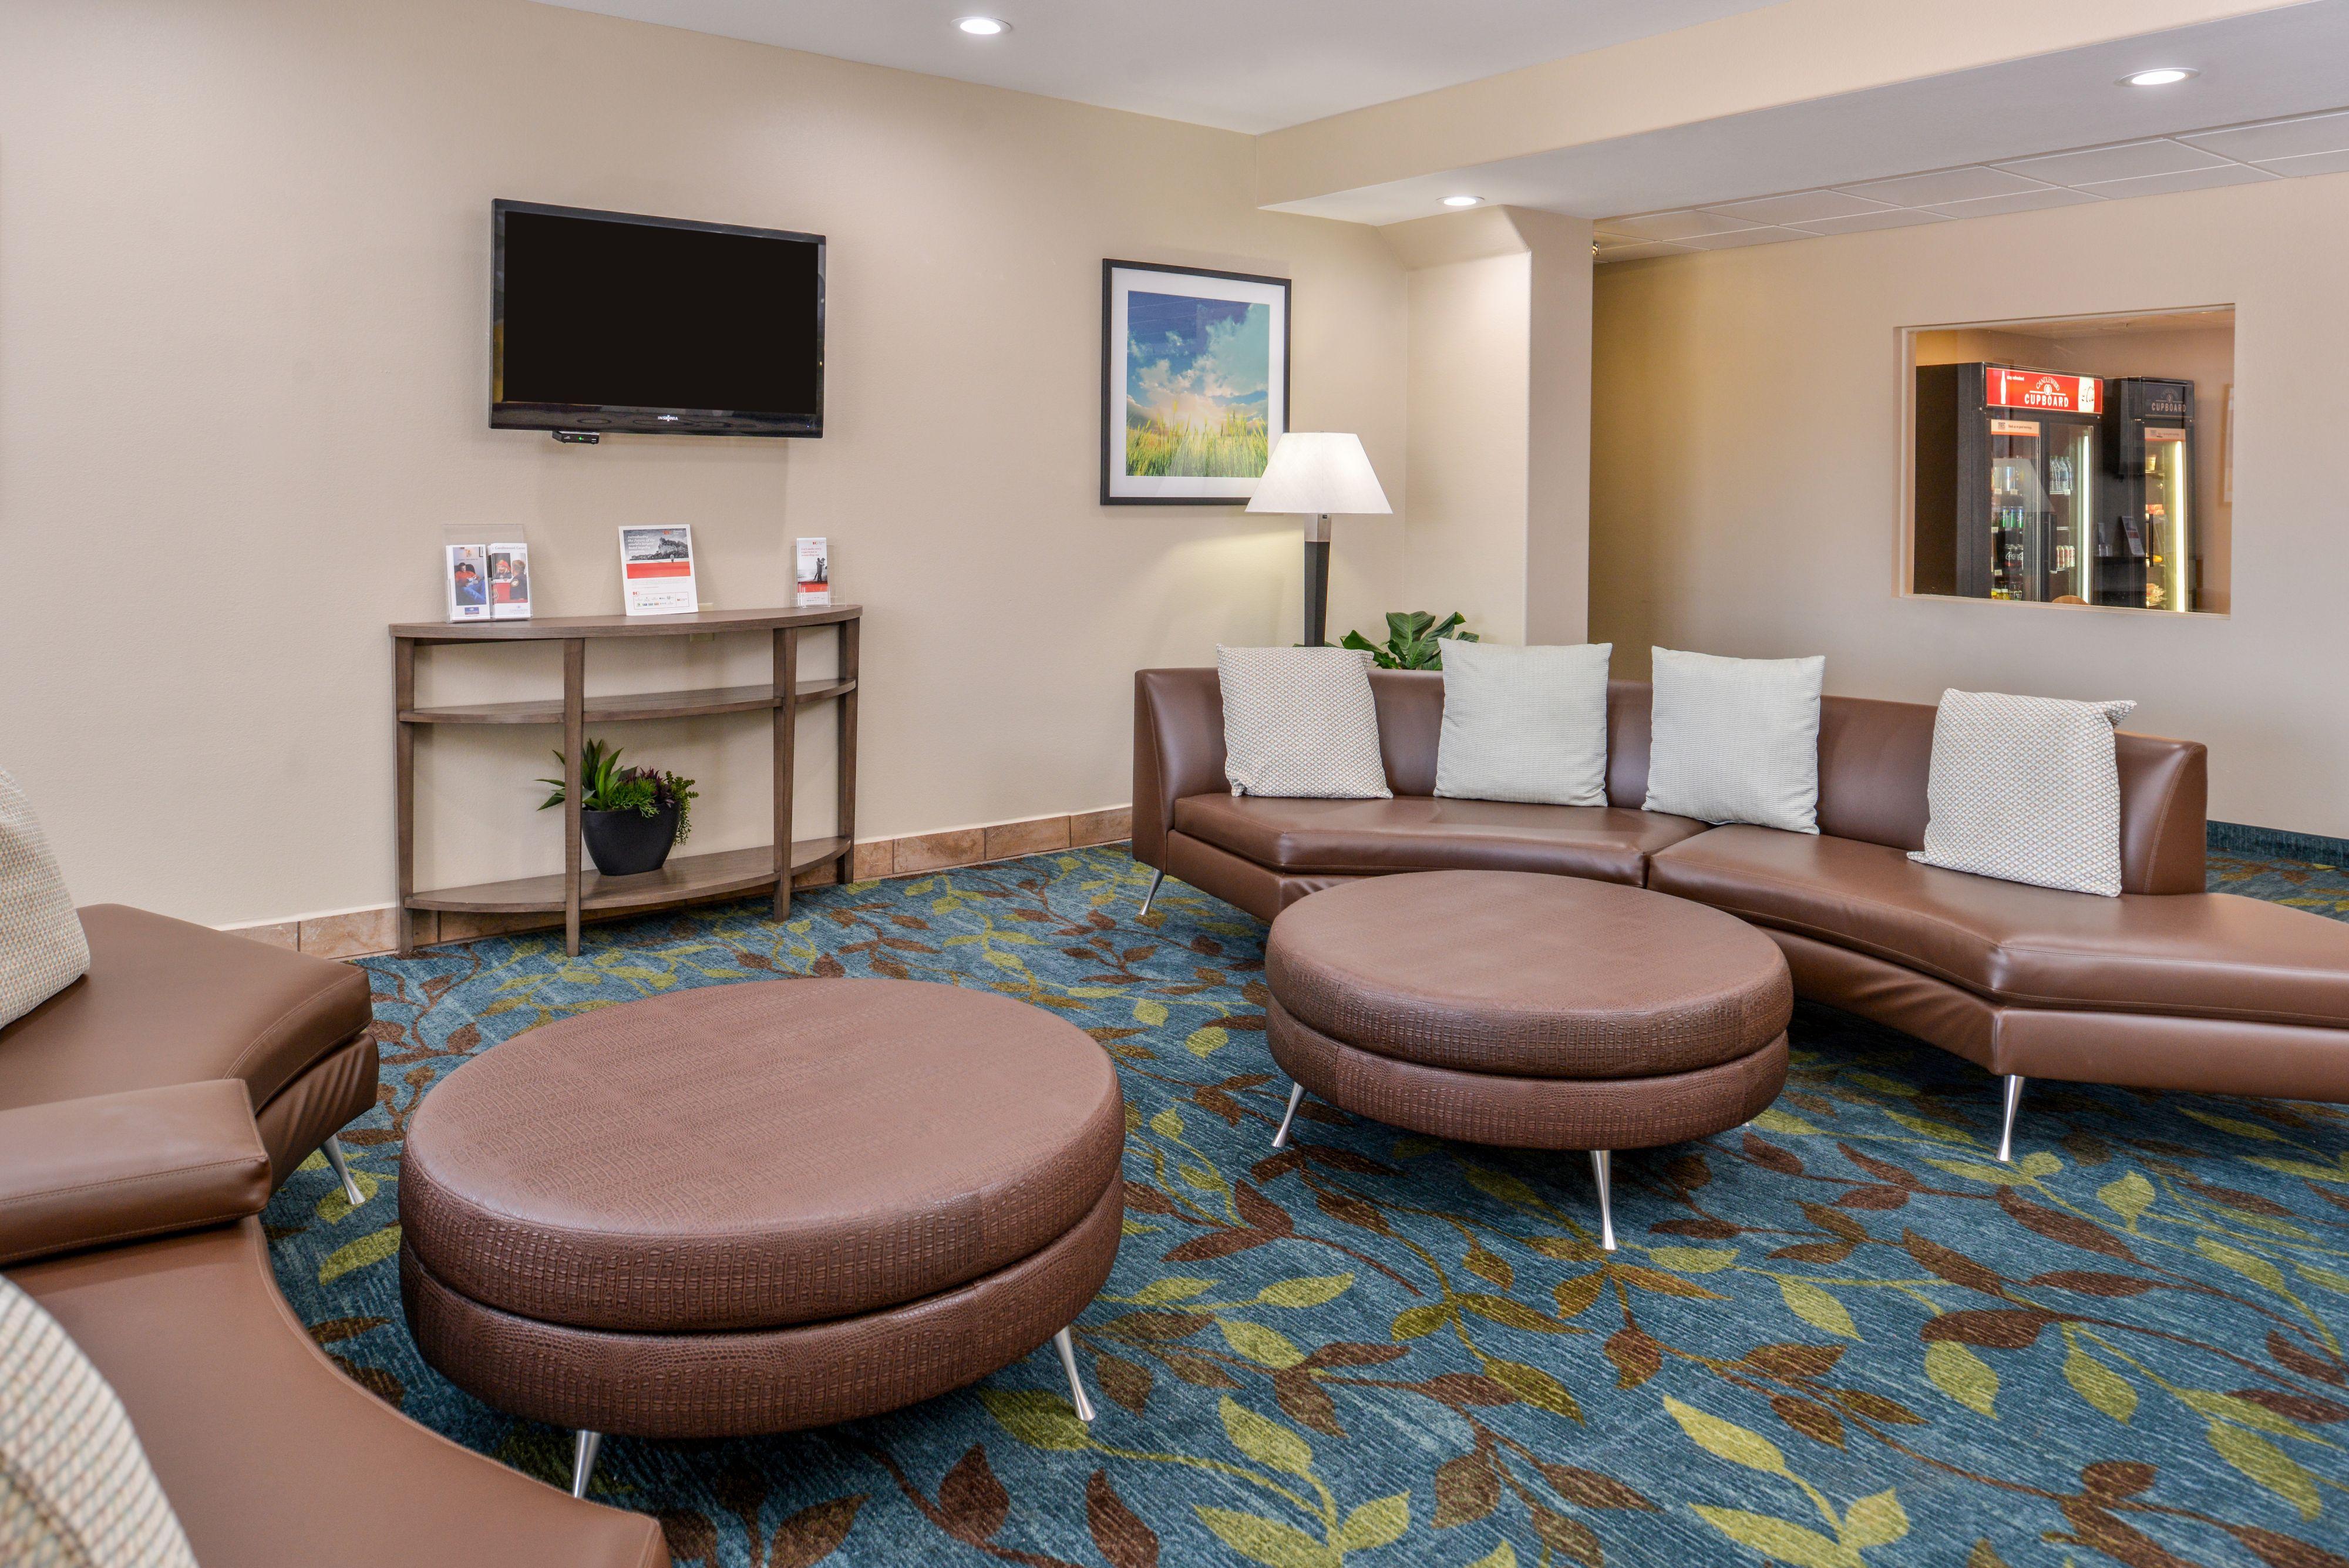 Candlewood Suites Abilene image 3